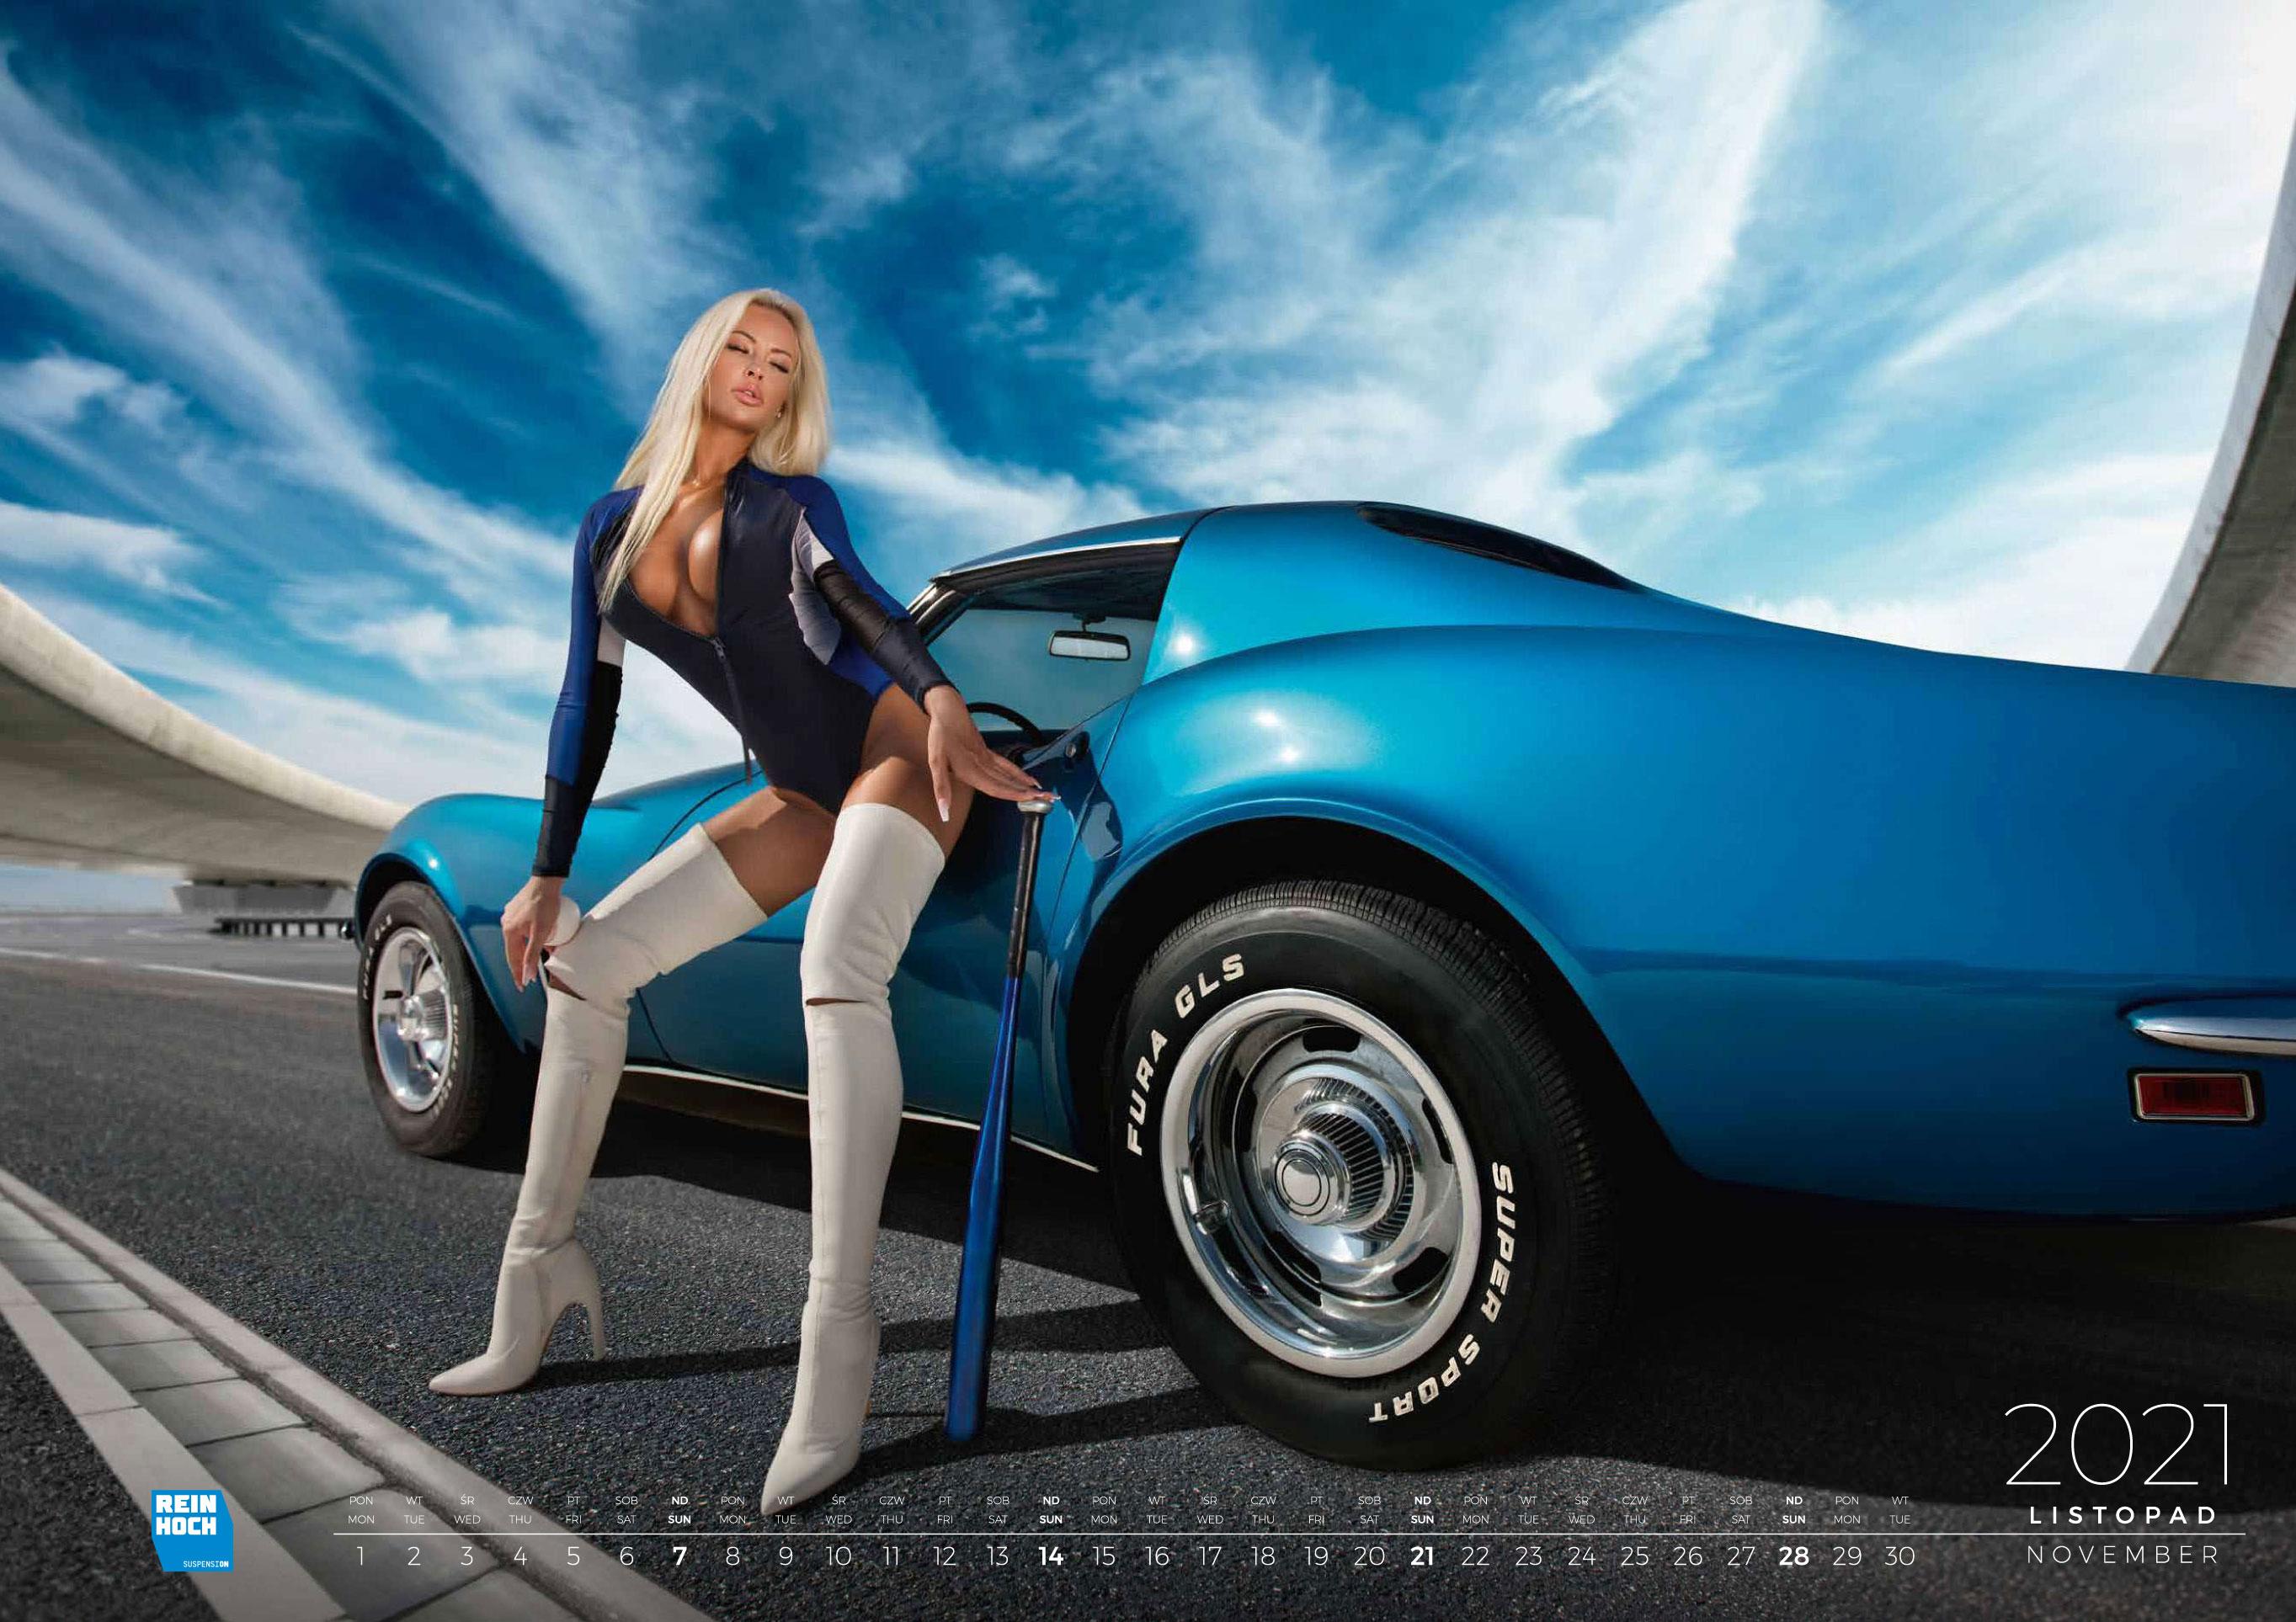 календарь с девушками и автомобилями на 2021 год / ноябрь